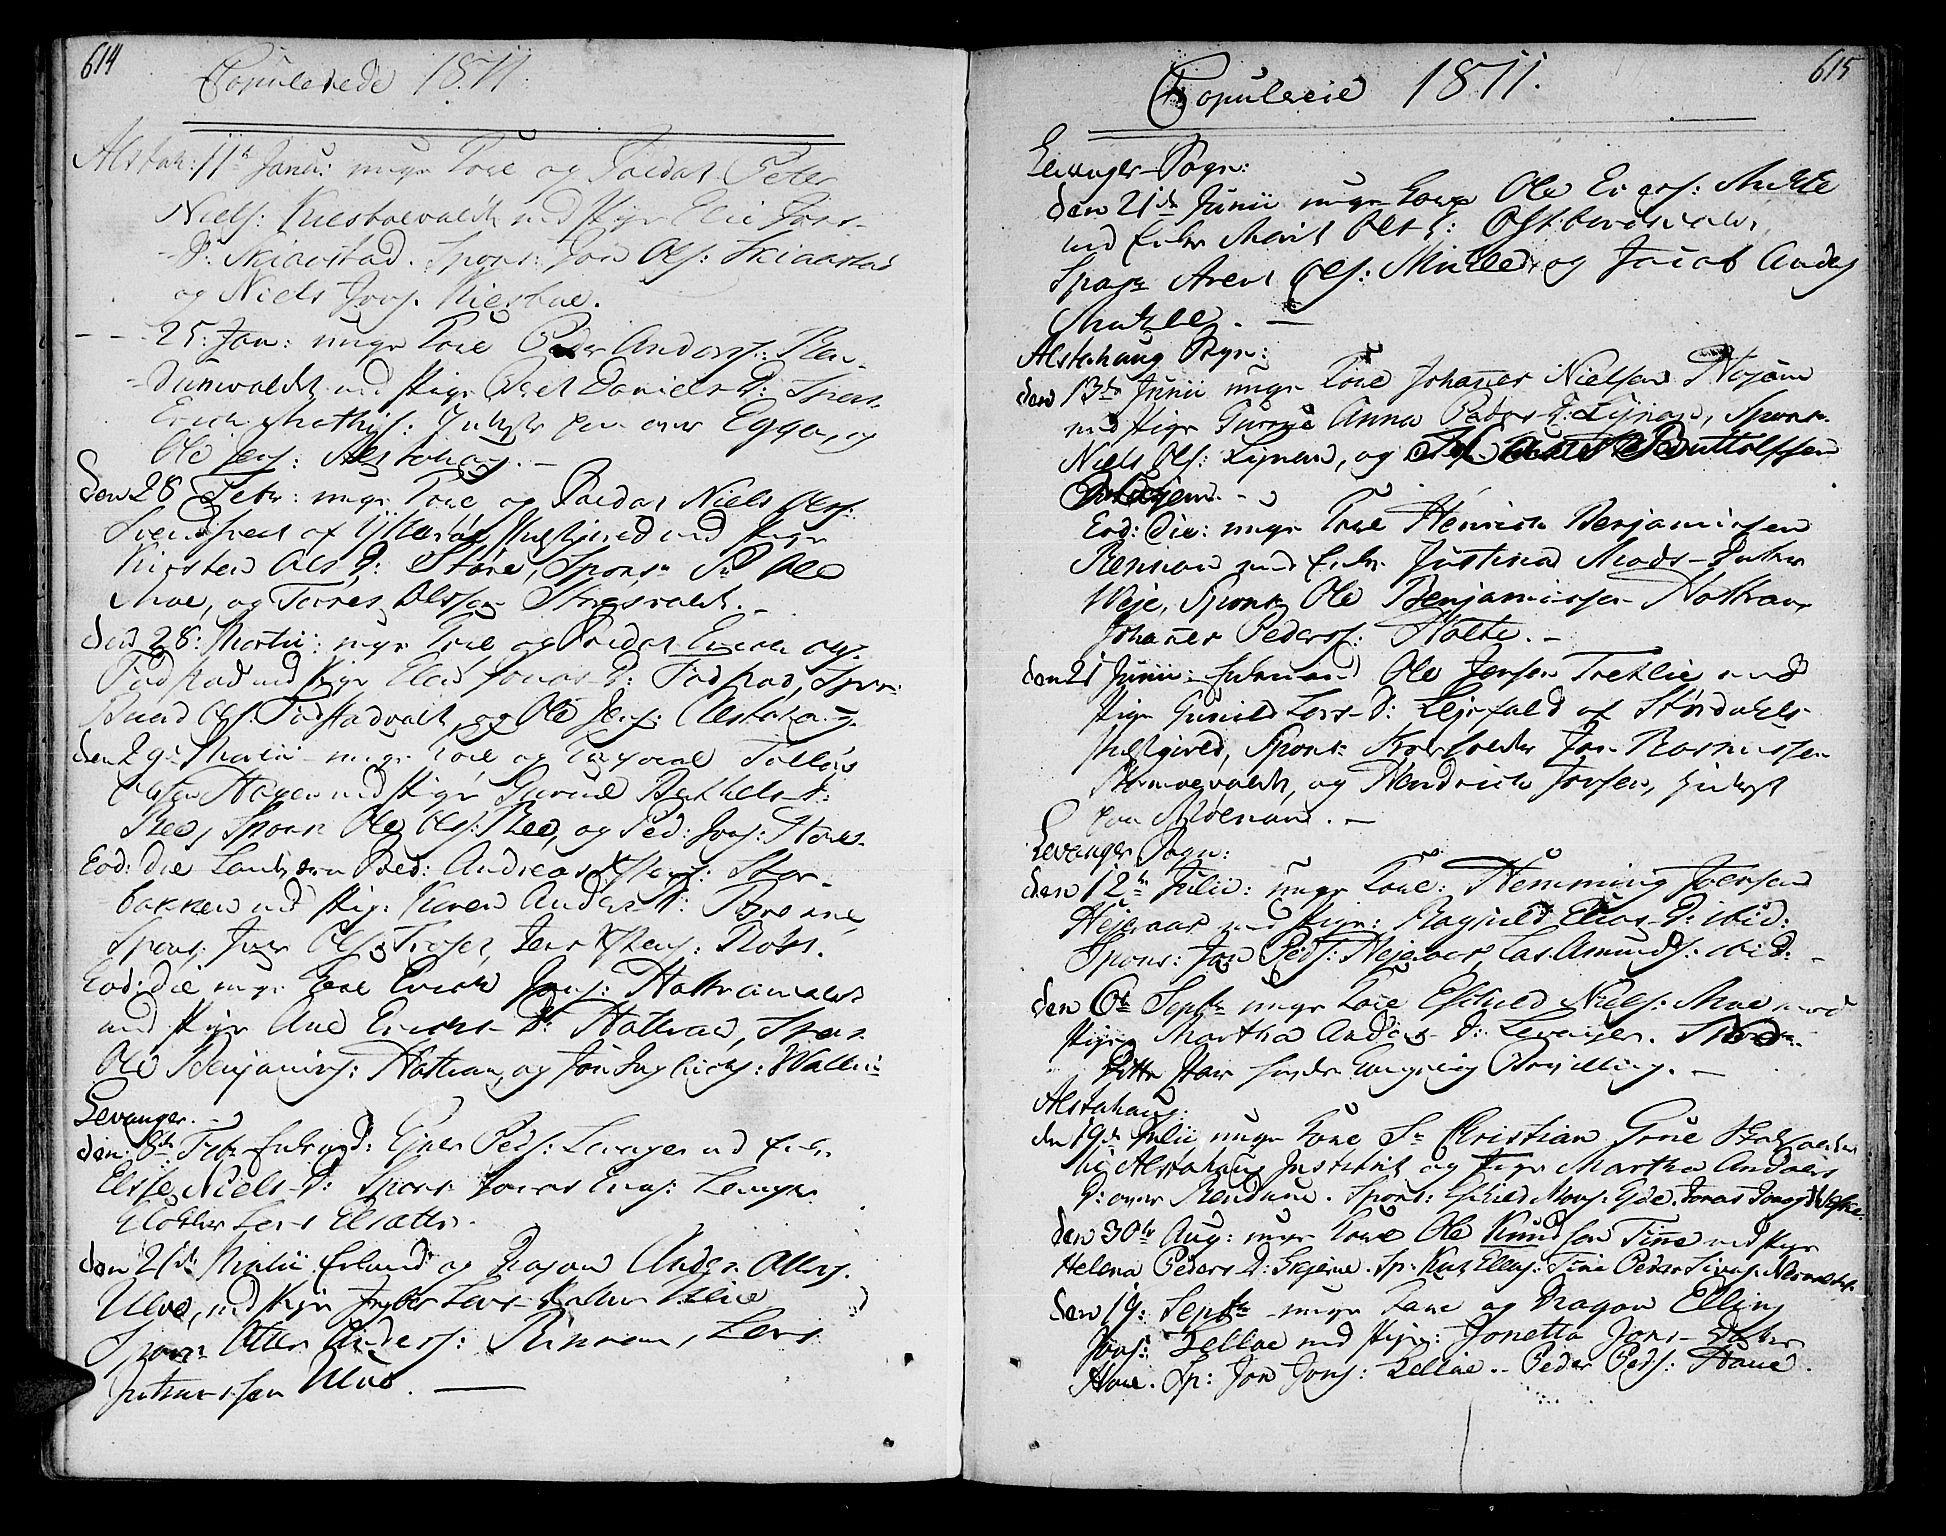 SAT, Ministerialprotokoller, klokkerbøker og fødselsregistre - Nord-Trøndelag, 717/L0145: Ministerialbok nr. 717A03 /1, 1810-1815, s. 614-615